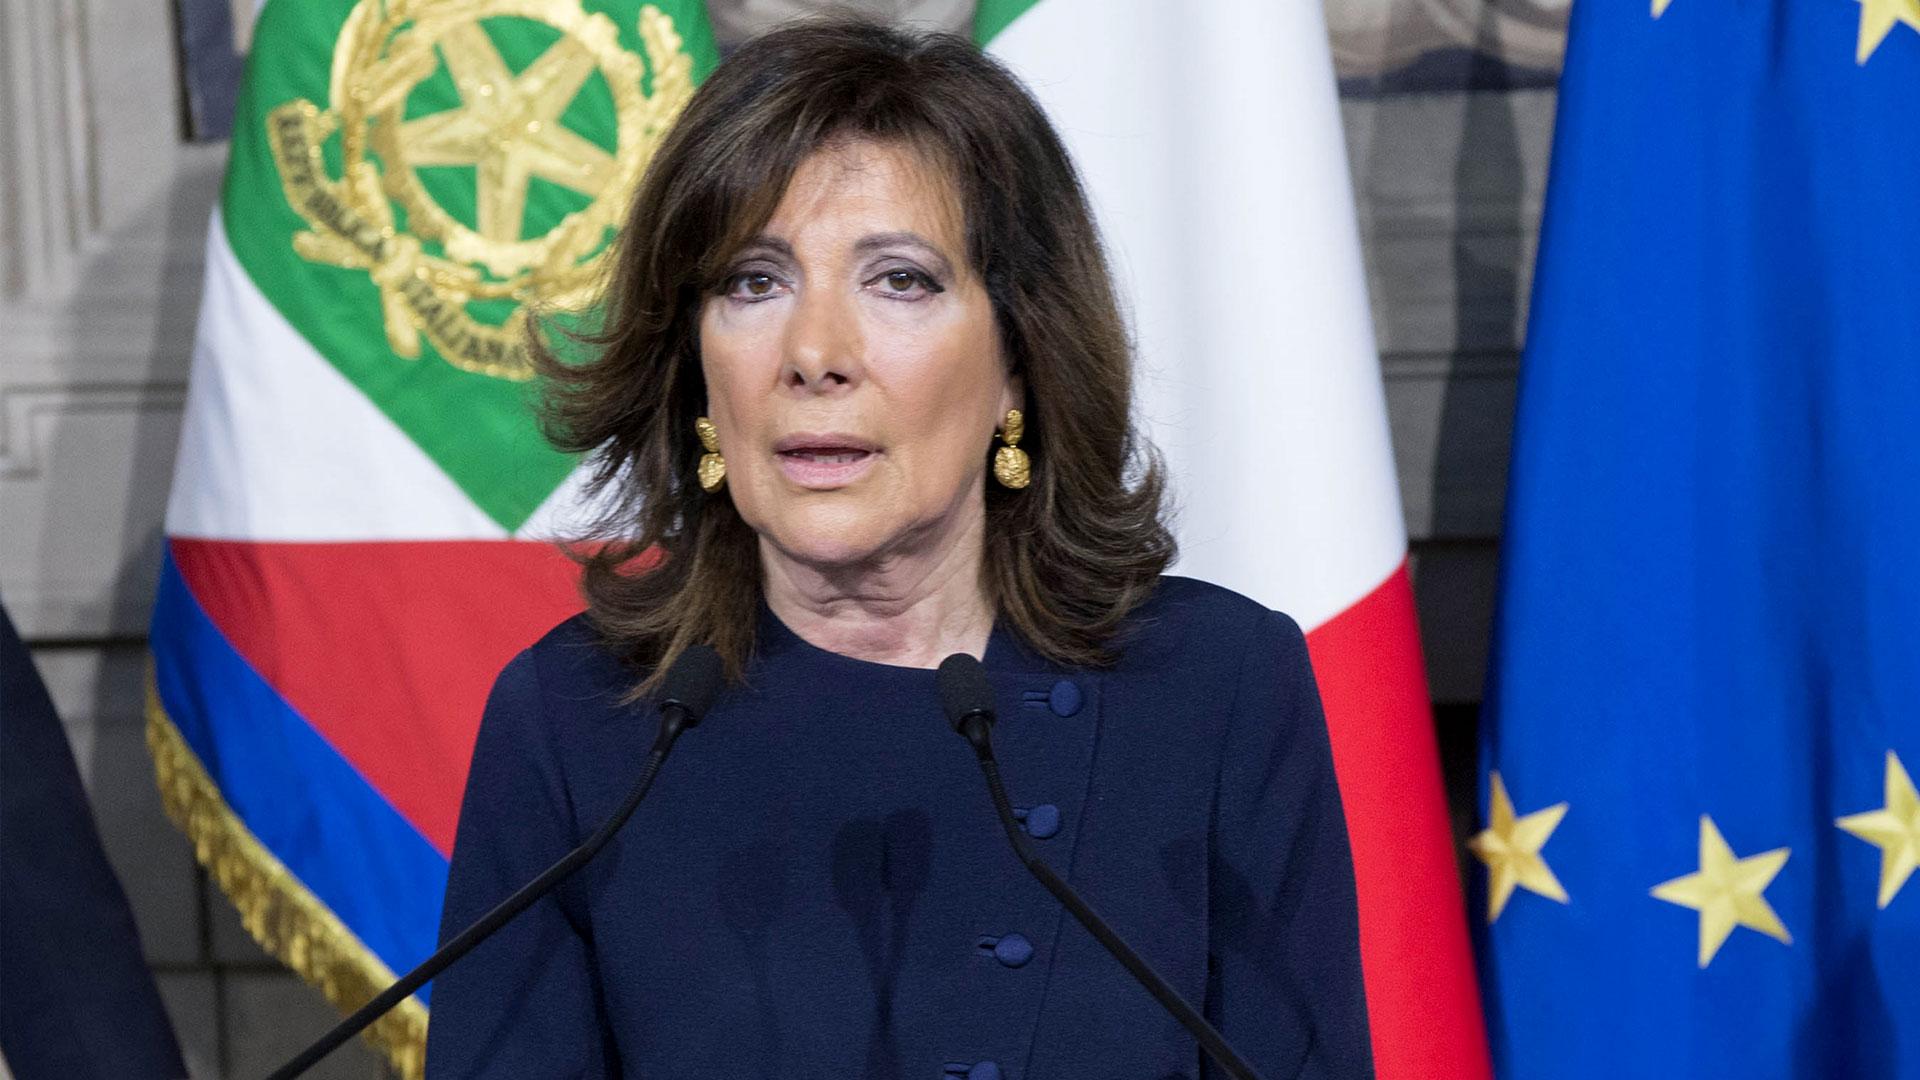 Maria Elisabetta Casellati - Presidente del Senato della Repubblica